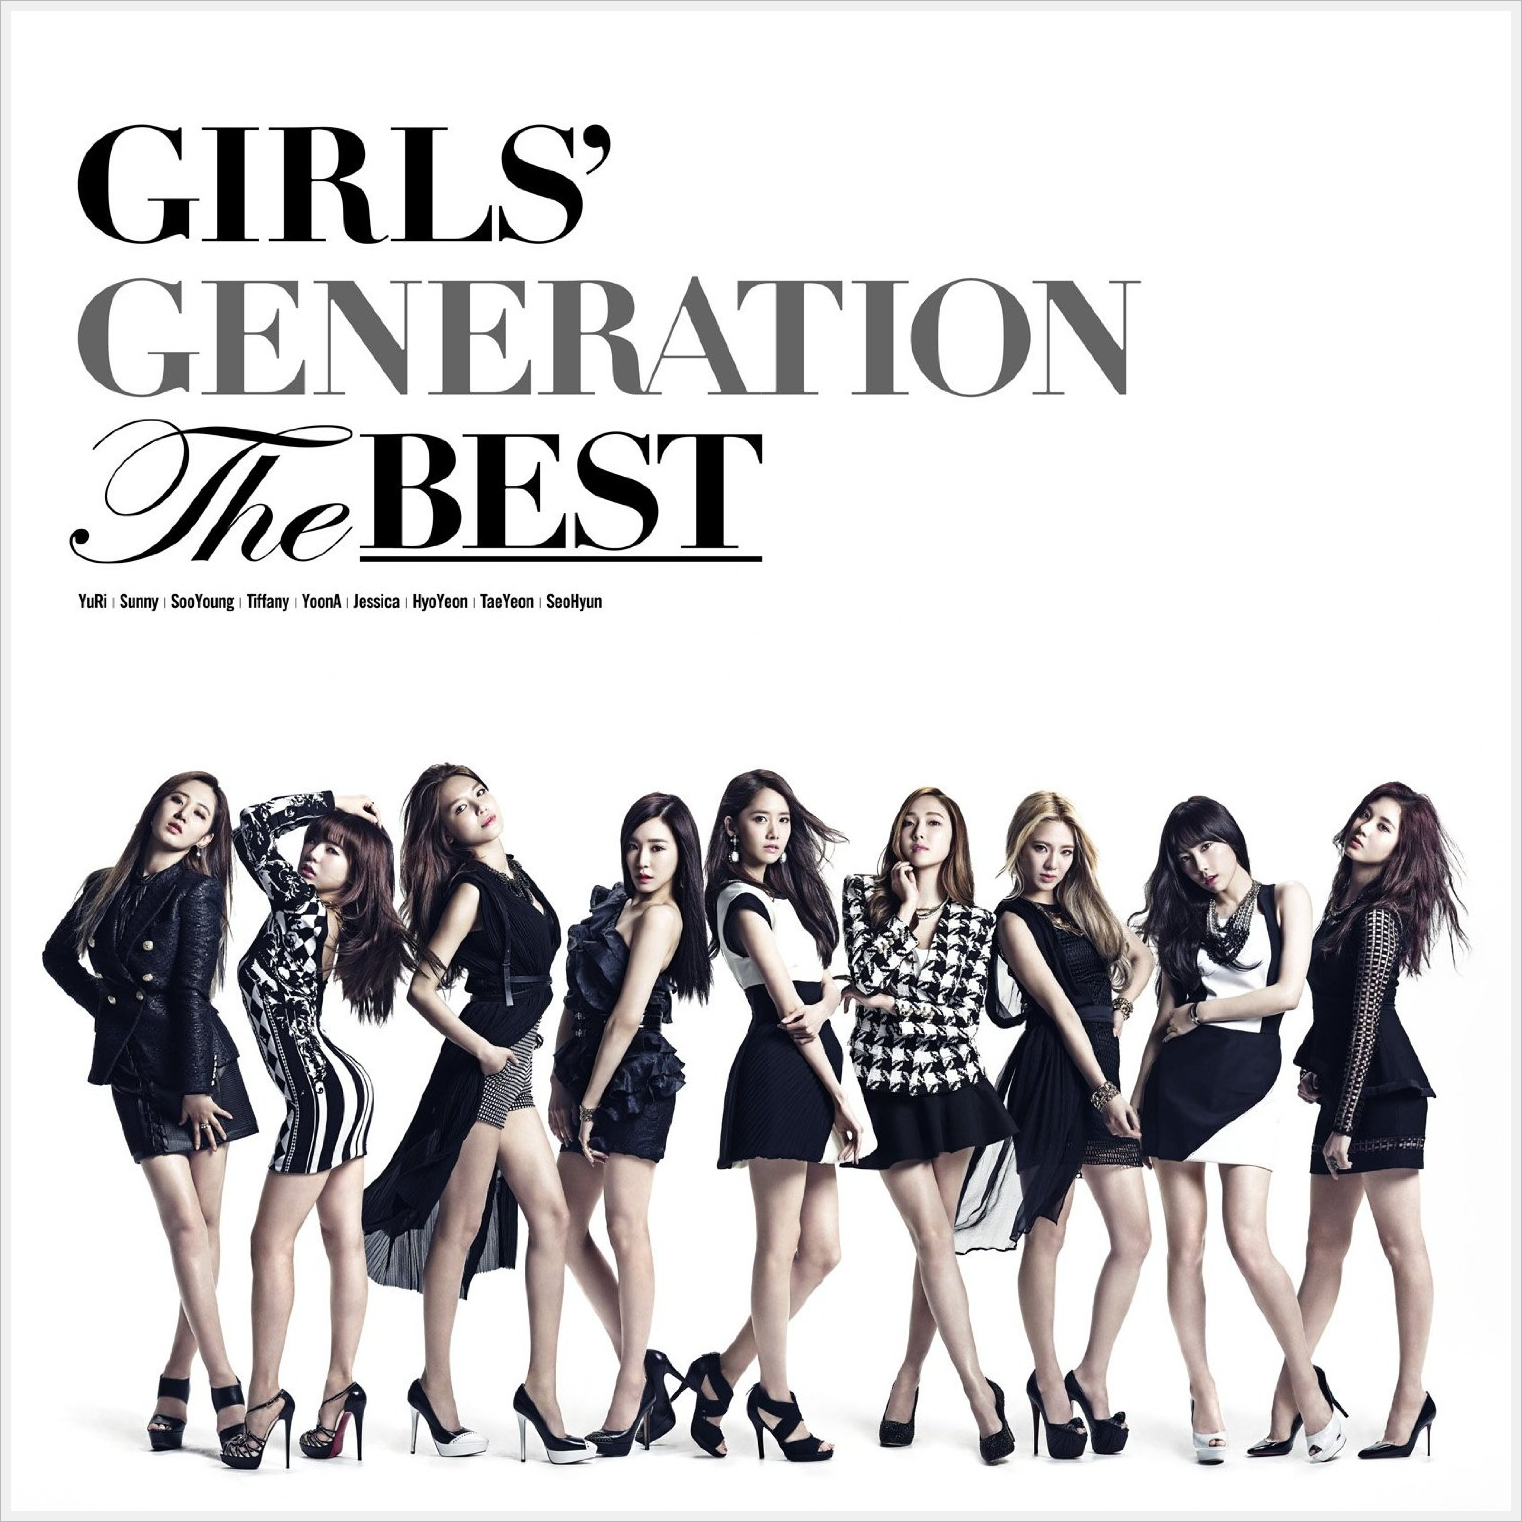 소녀시대가 일본의 음악 업계에 미친 영향은